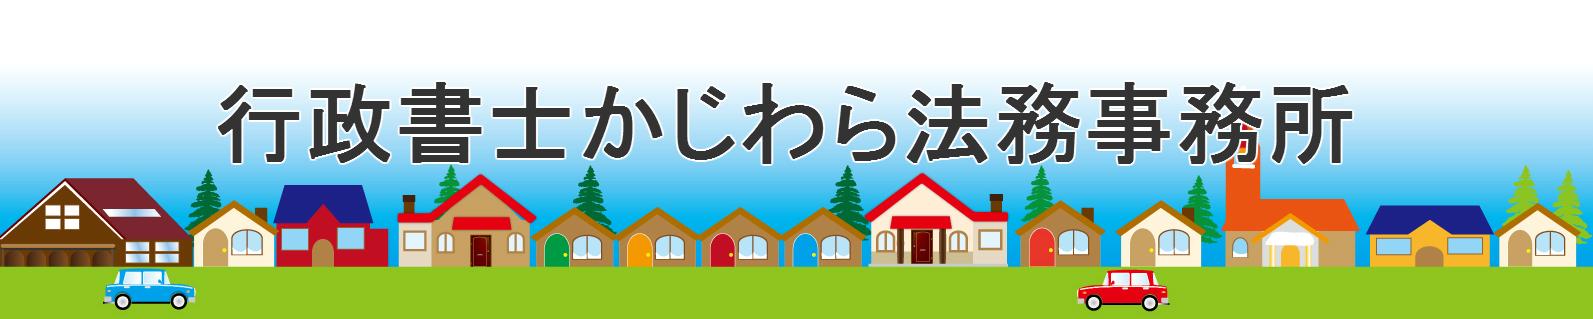 松戸市・柏市・鎌ヶ谷市の自動車の車庫証明・名義変更登録・住所変更登録を代行。行政書士かじわら法務事務所です。